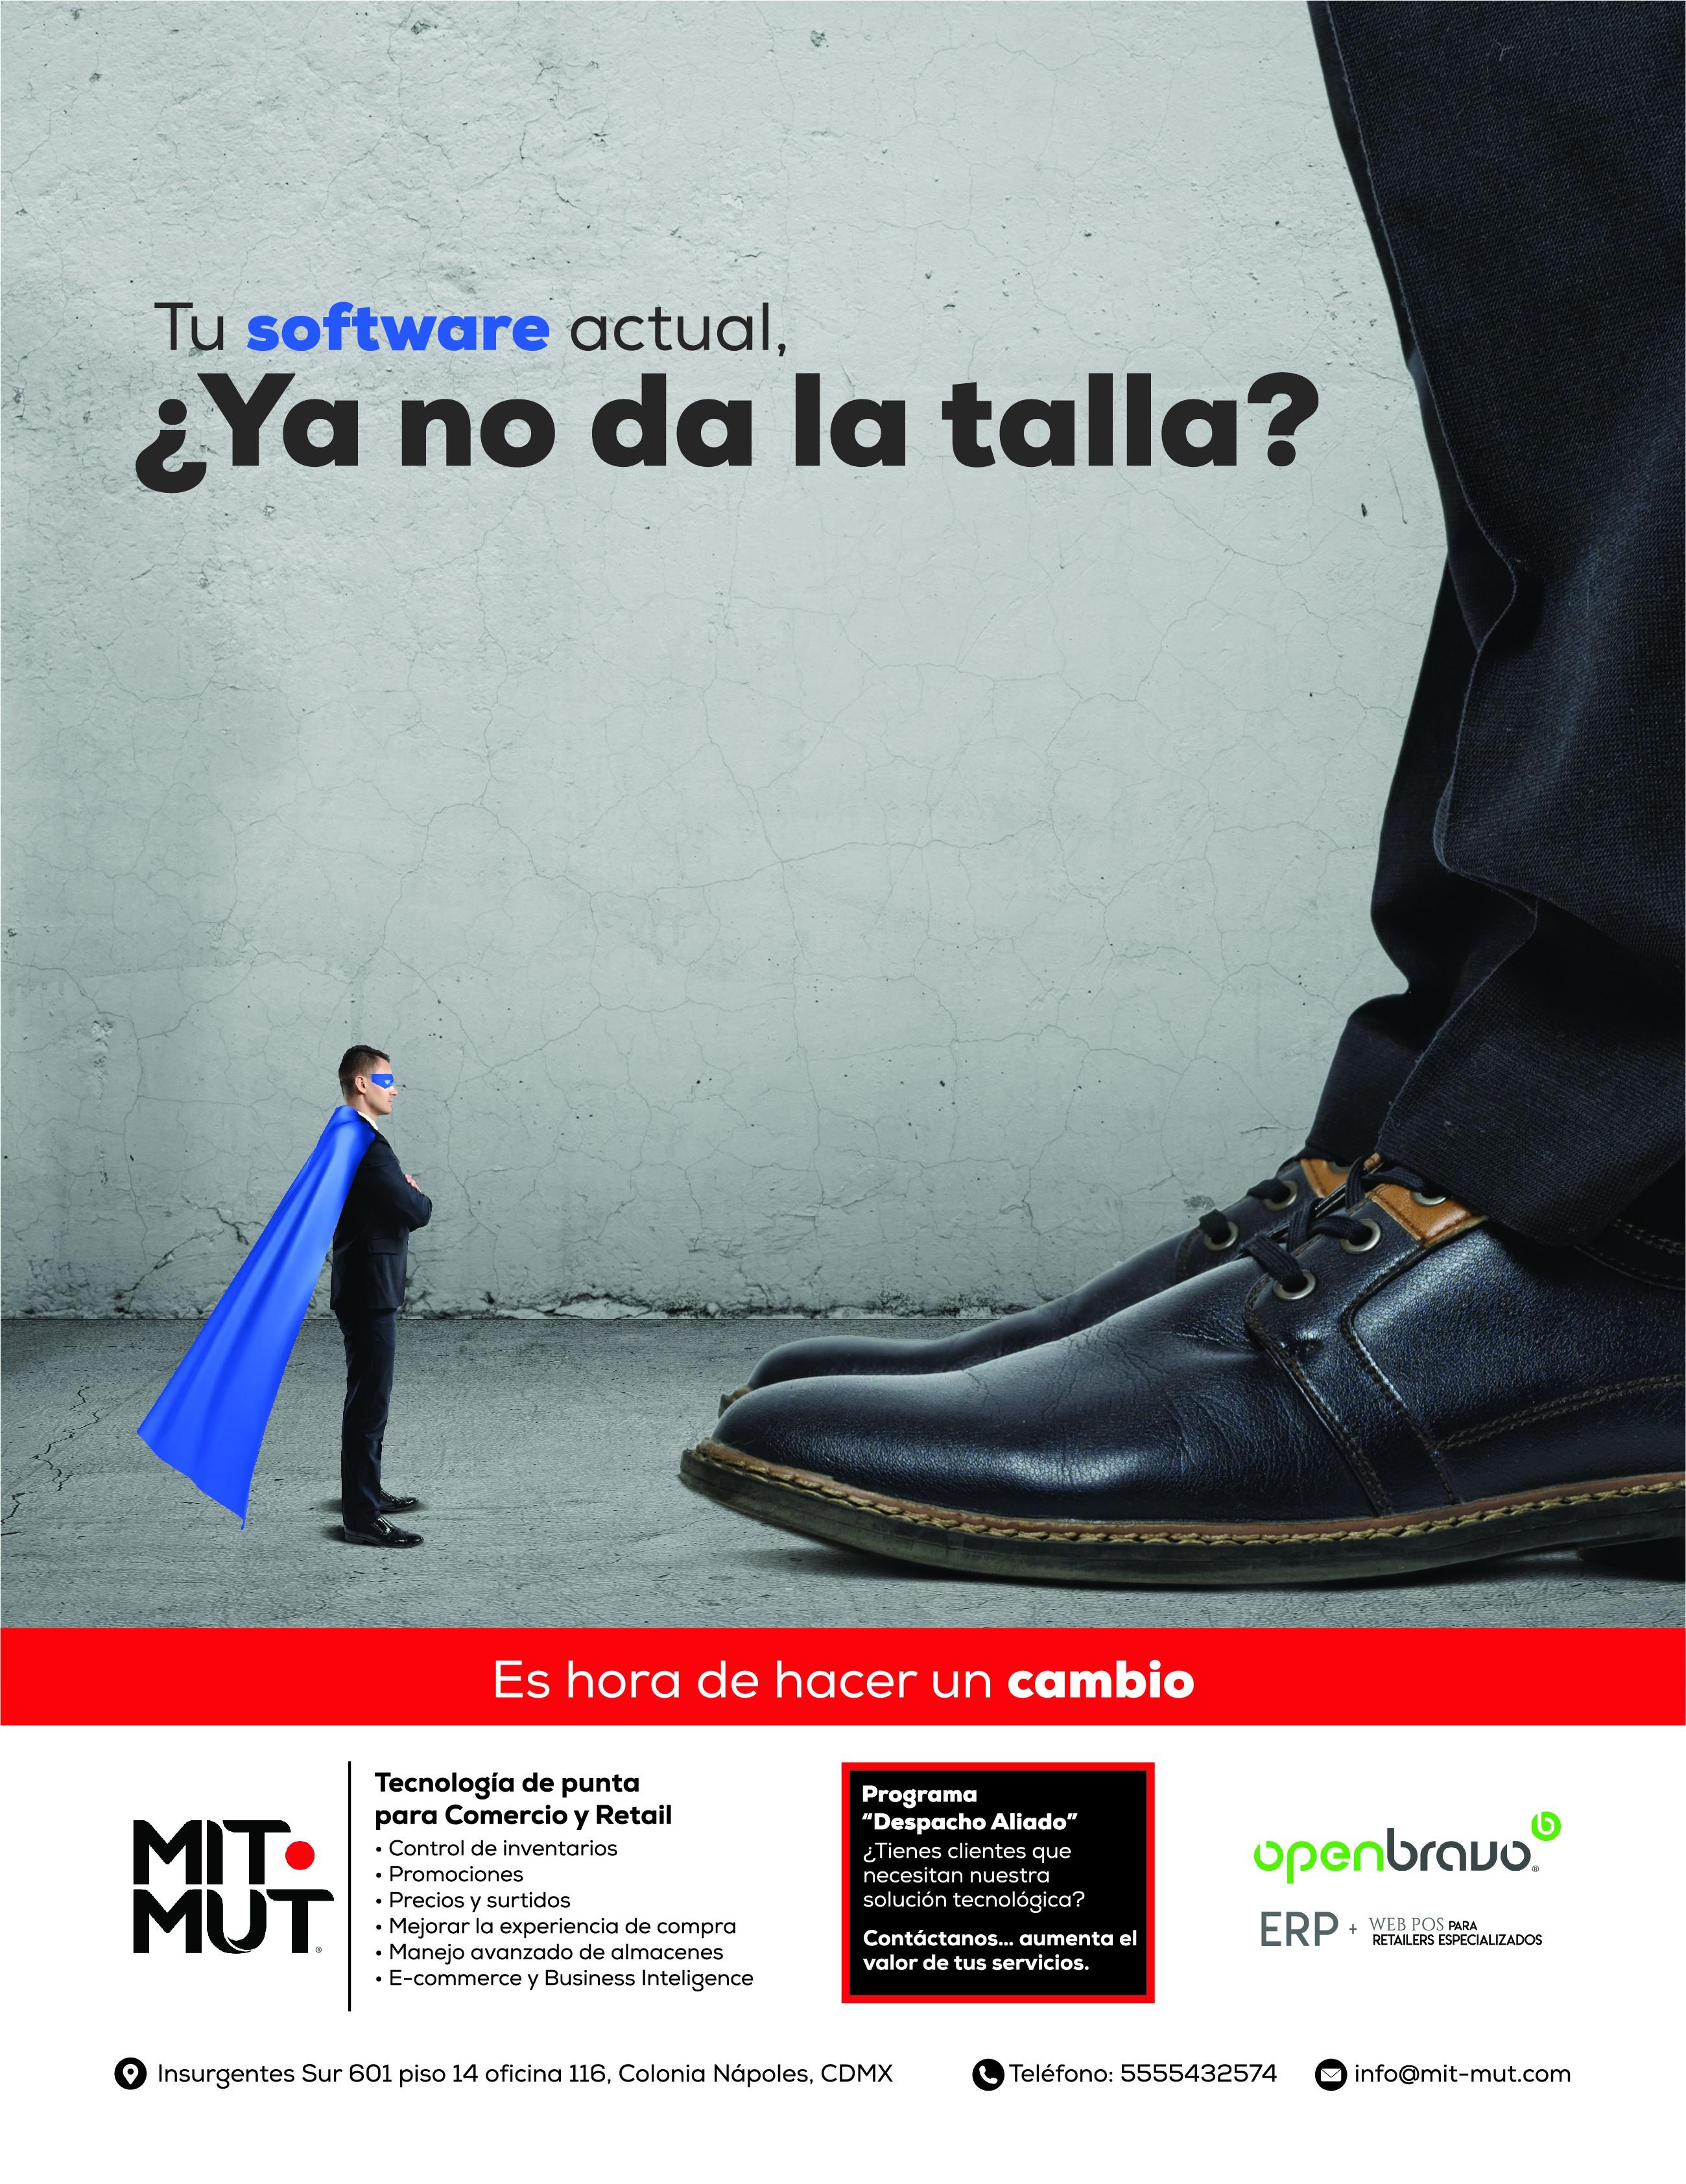 Posiciona a Mit-Mut y Openbravo en la comunidad de Contadores de Mexico